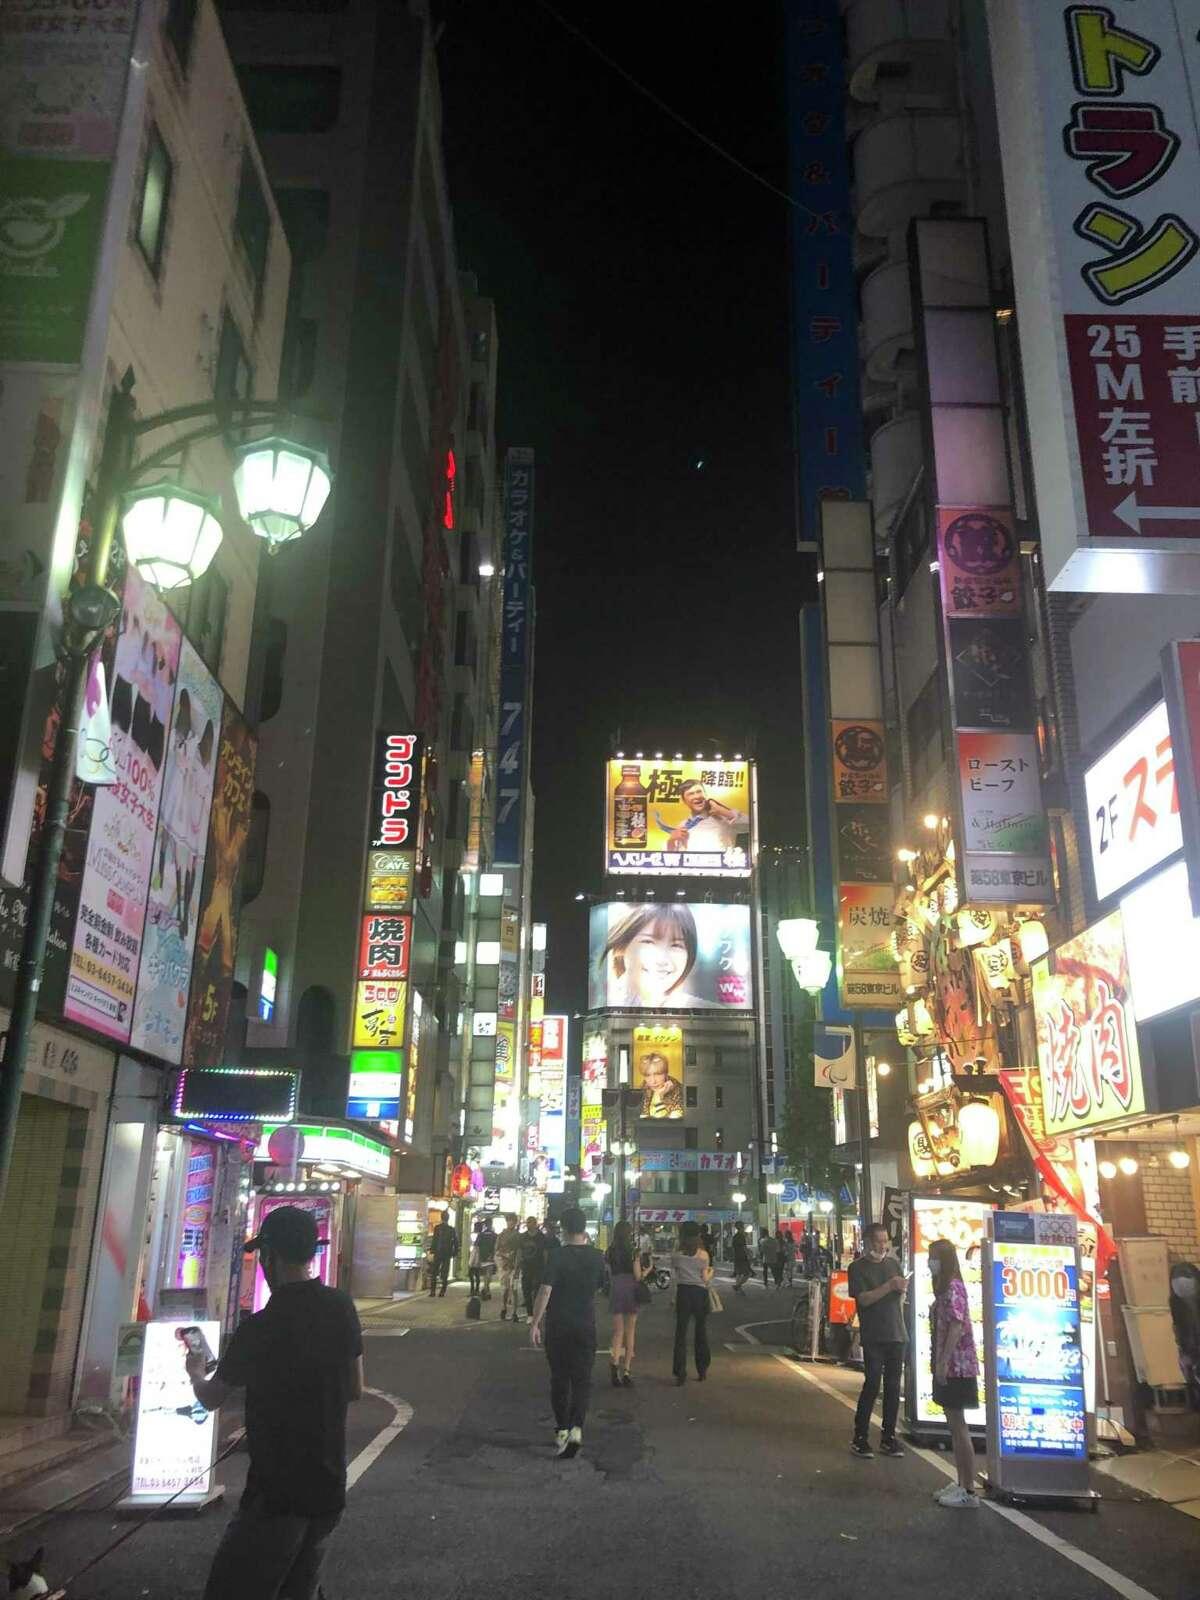 Scenes from Tokyo.